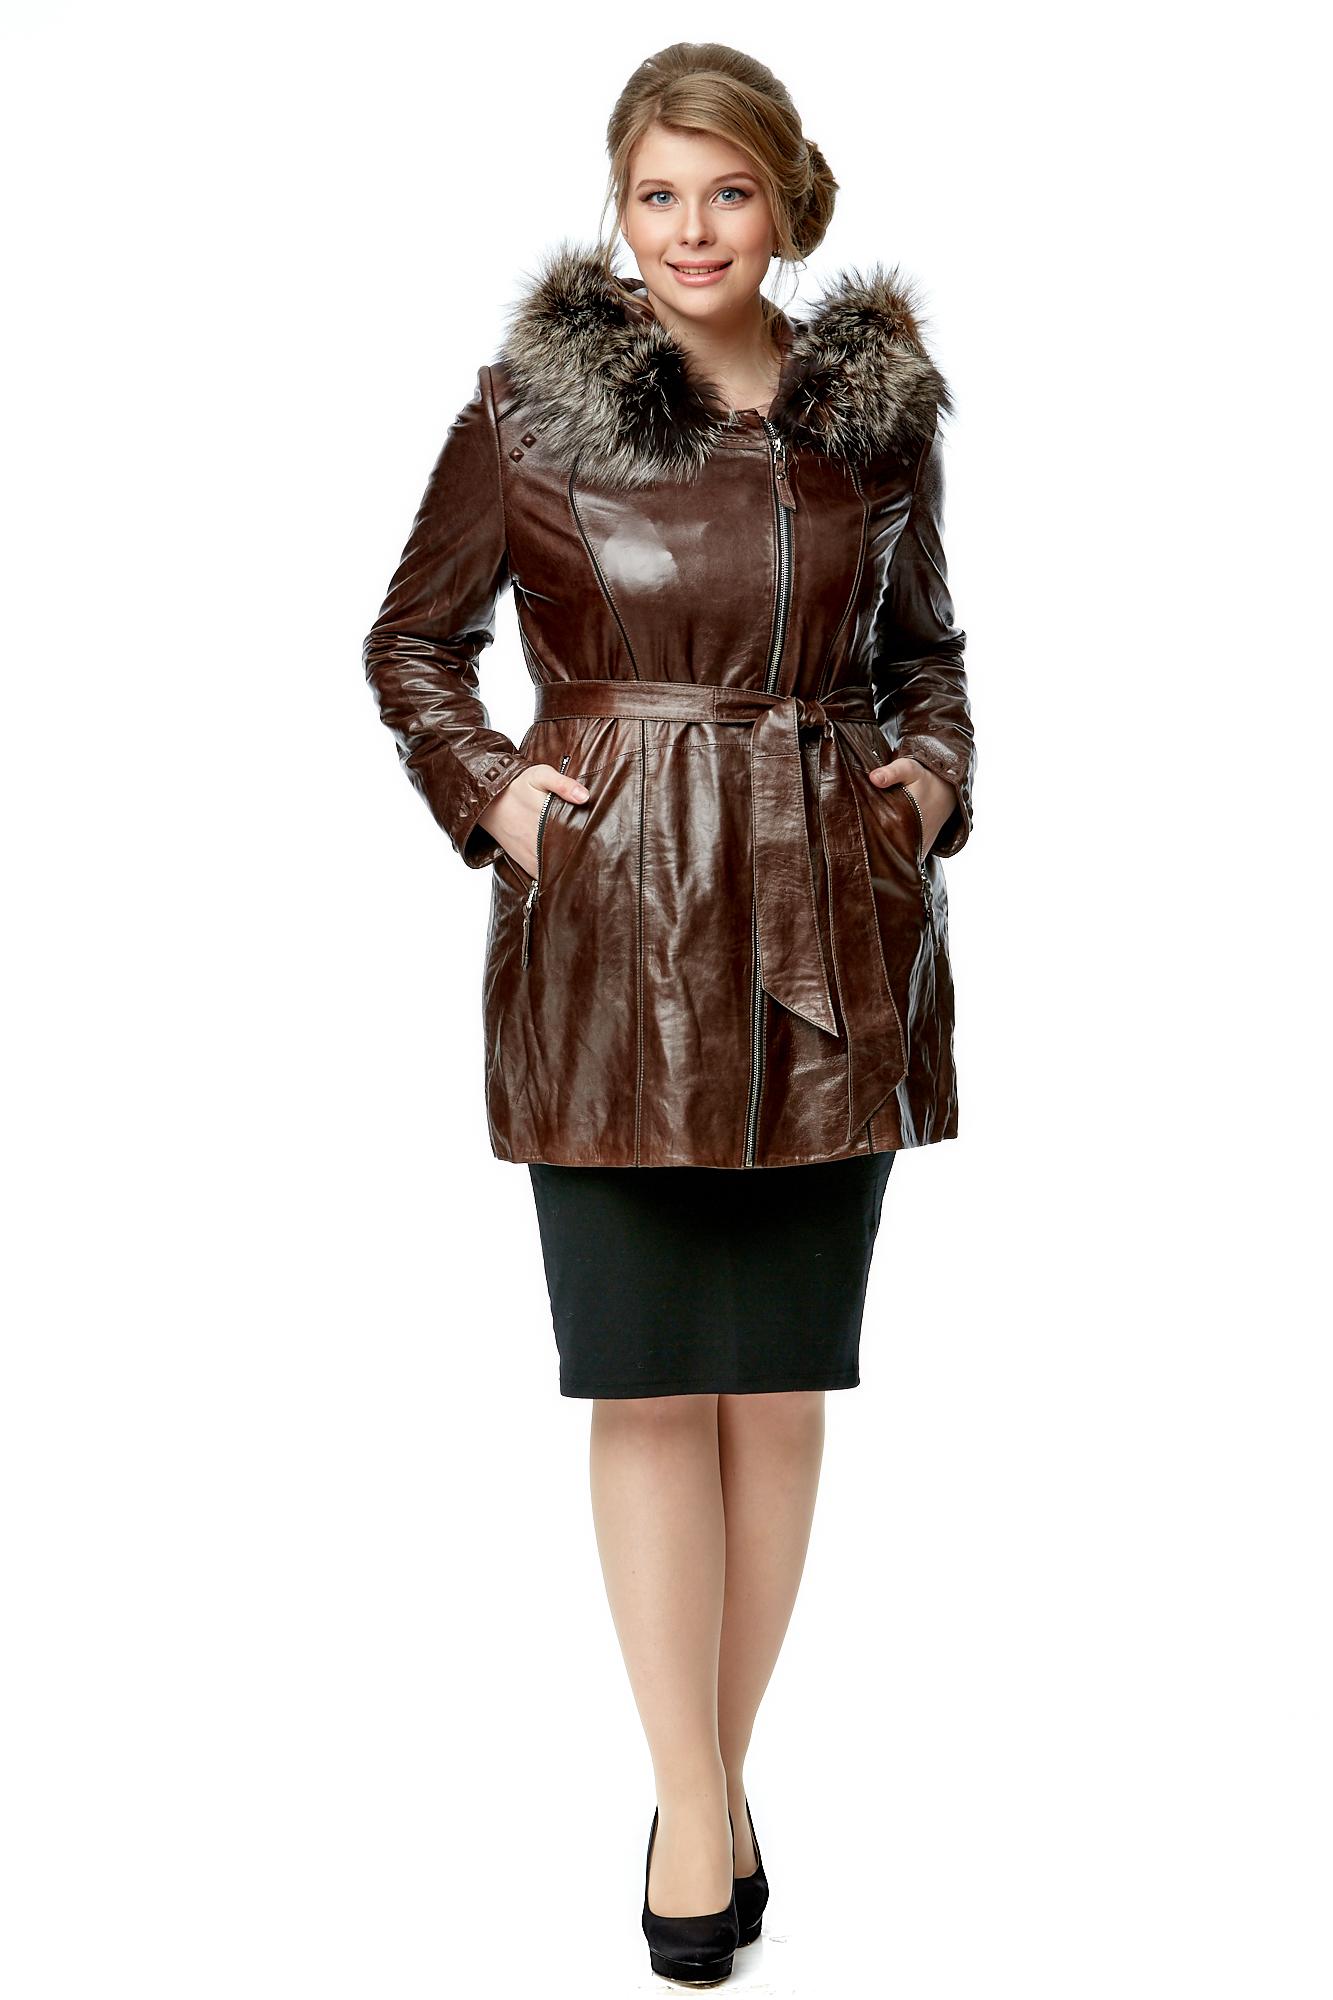 Купить со скидкой Женская кожаная куртка из натуральной кожи с капюшоном, отделка енот